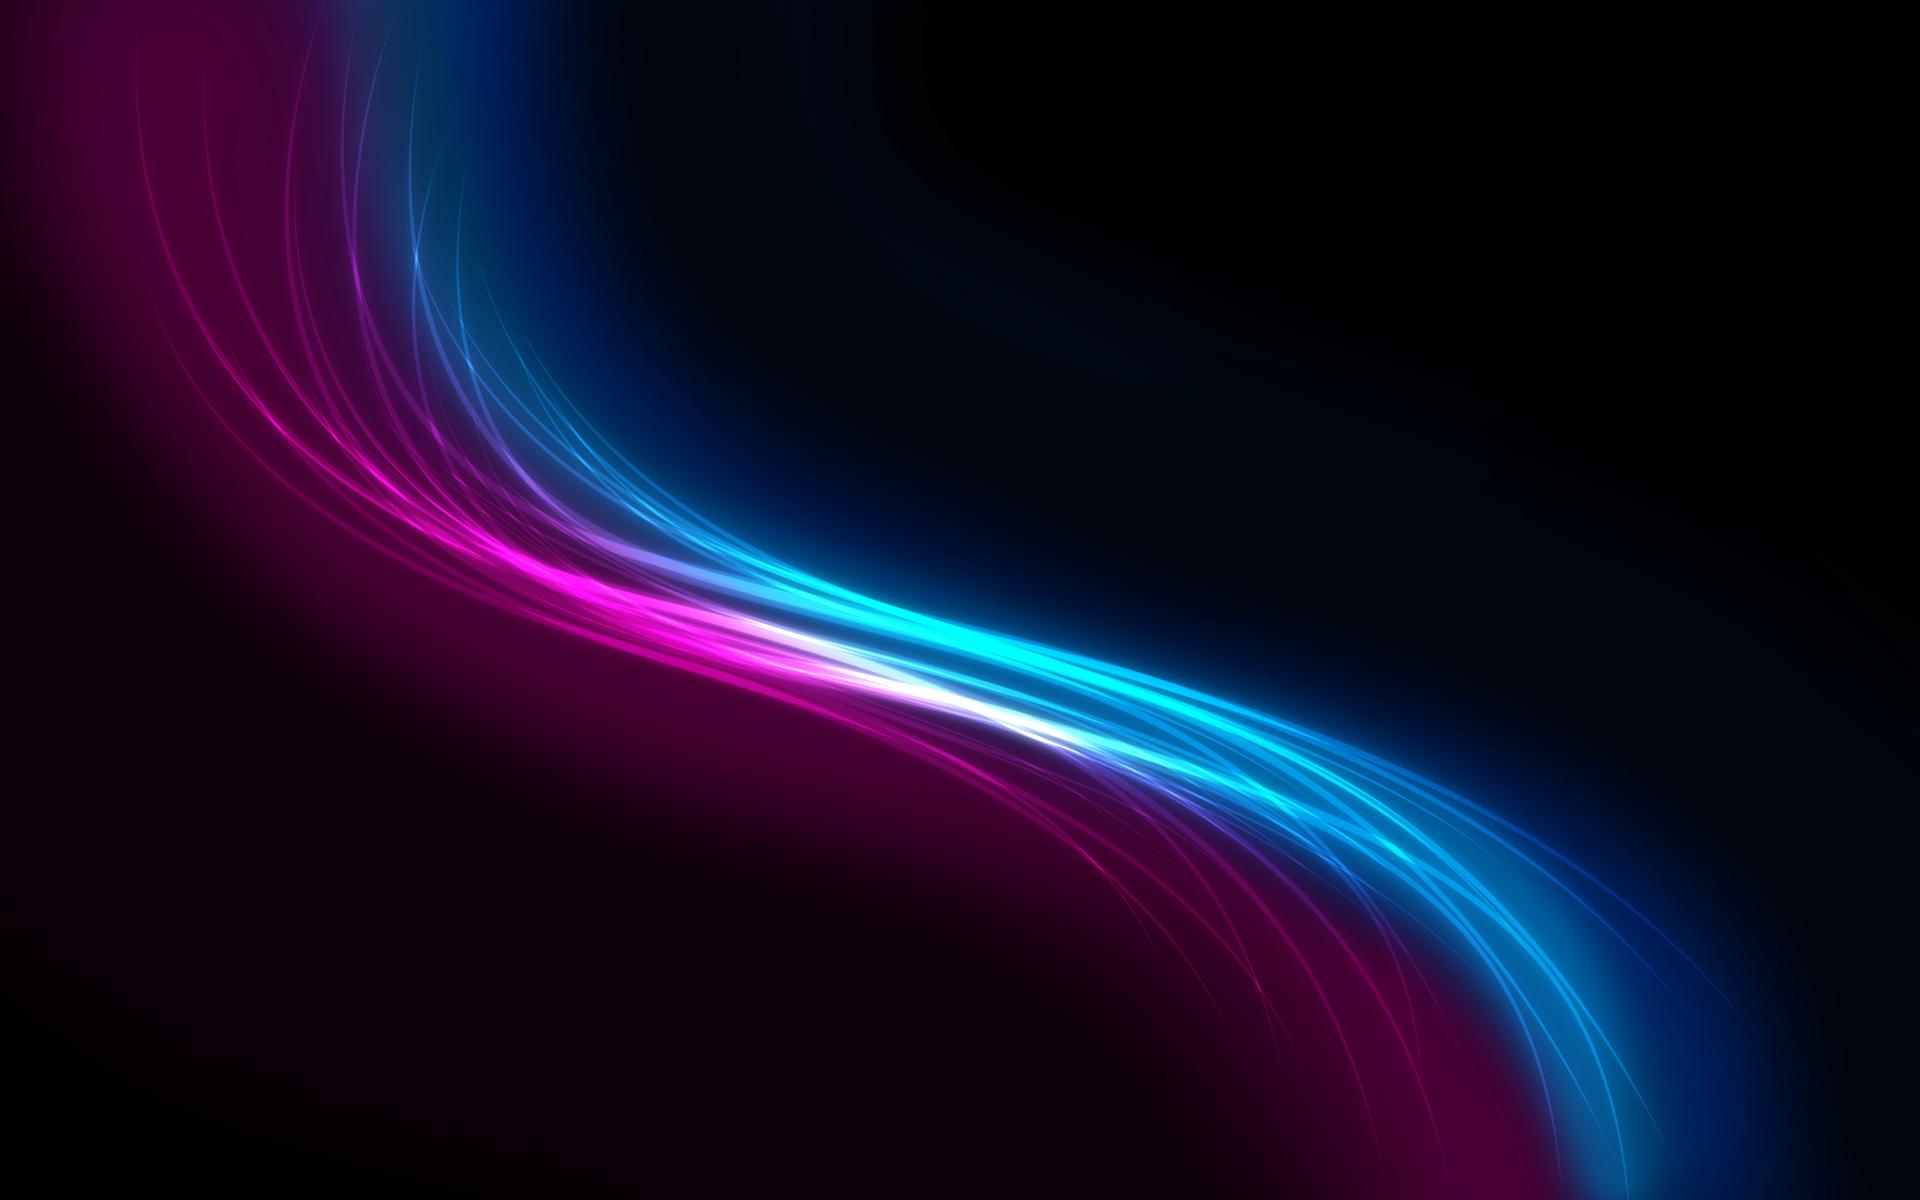 Purple Blue Swirl Twitter Backgrounds Purple Blue Swirl Twitter 1920x1200